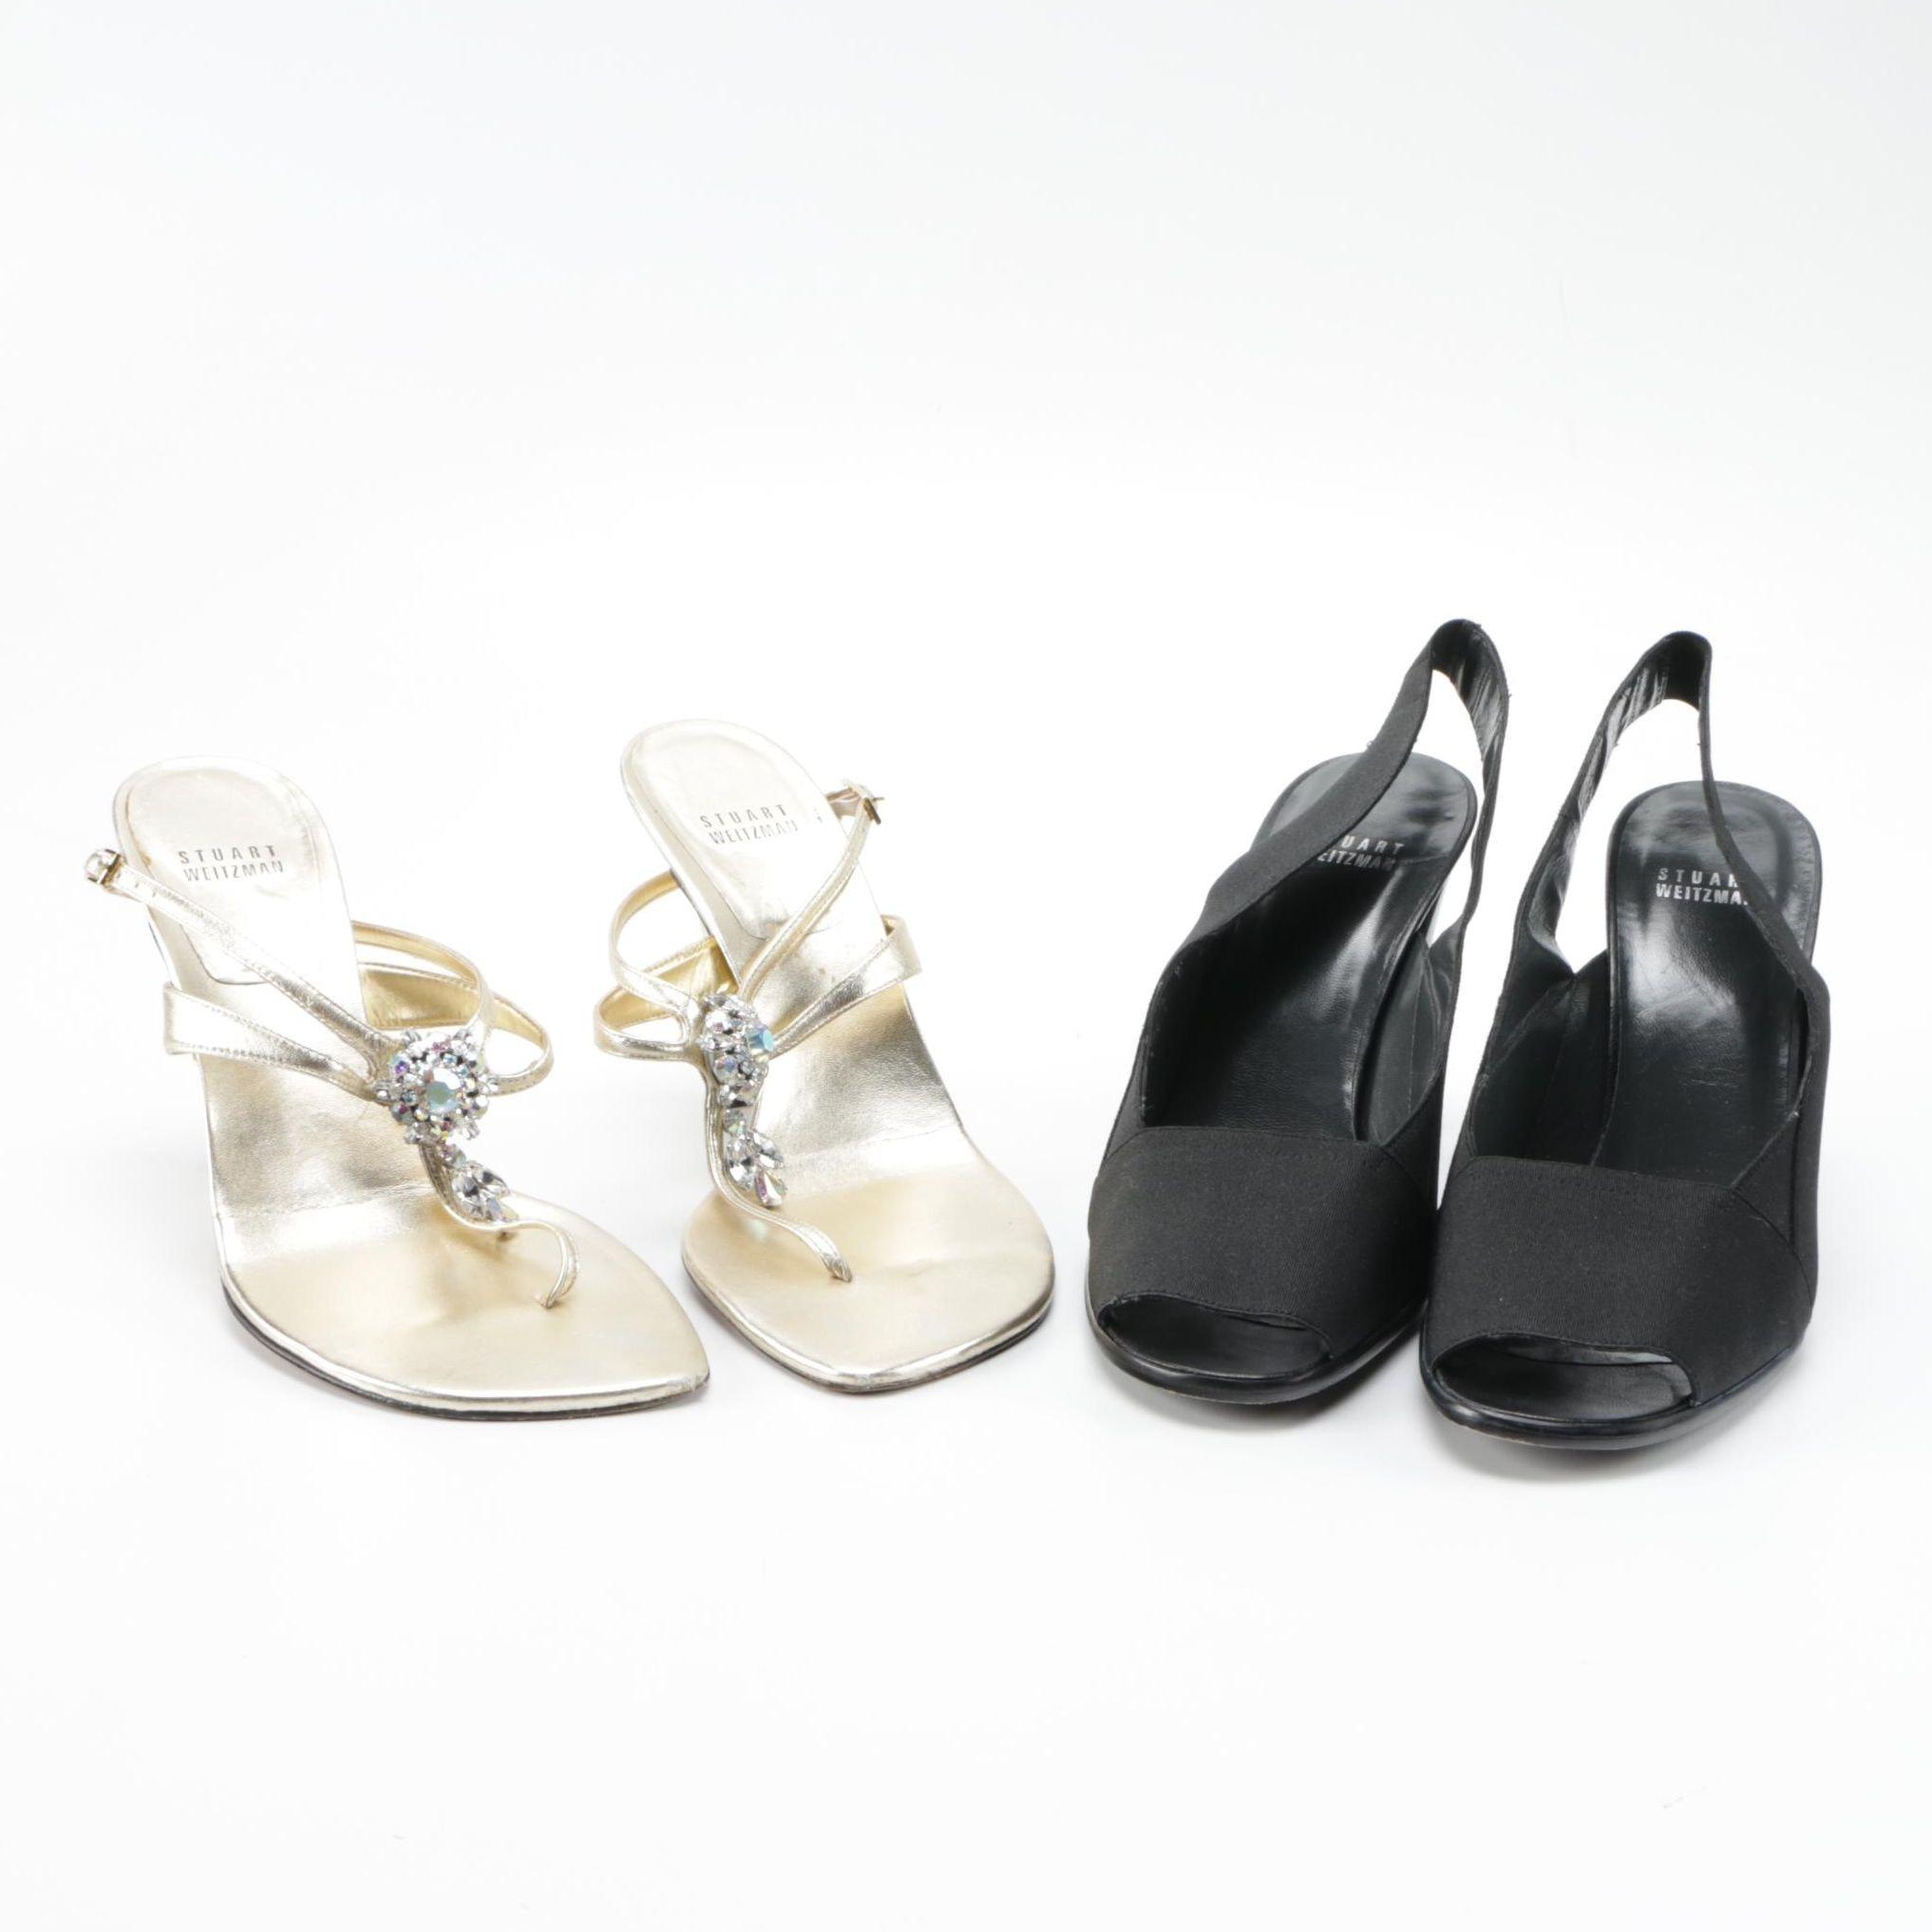 Stuart Weitzman High Heel Sandals